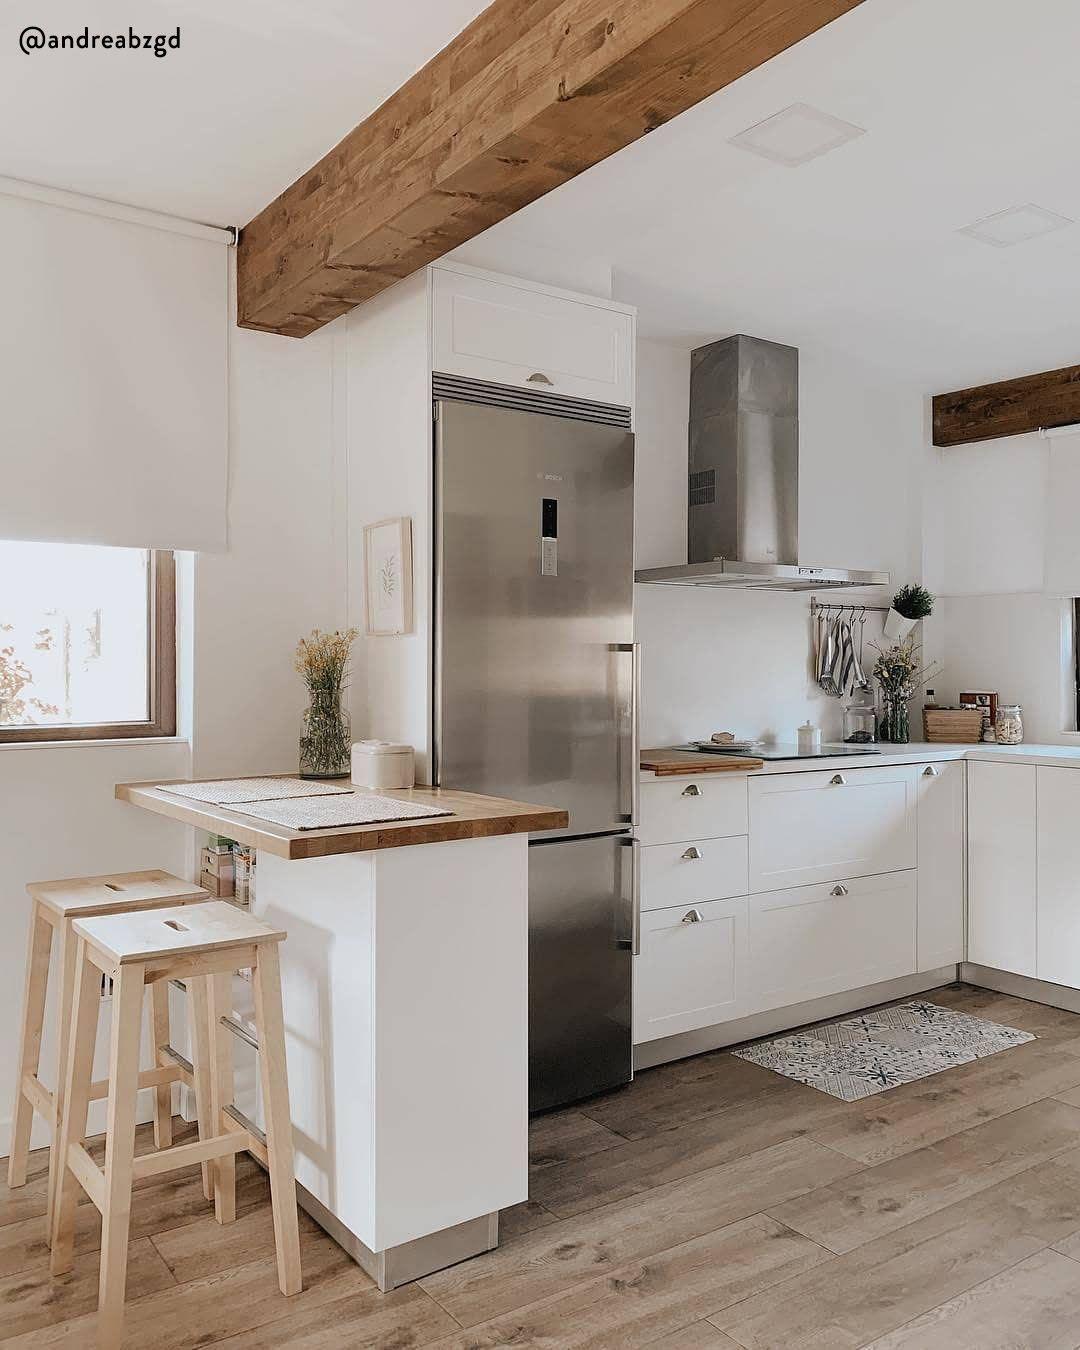 Cucina rustic chic! Il bianco ed il legno sono una